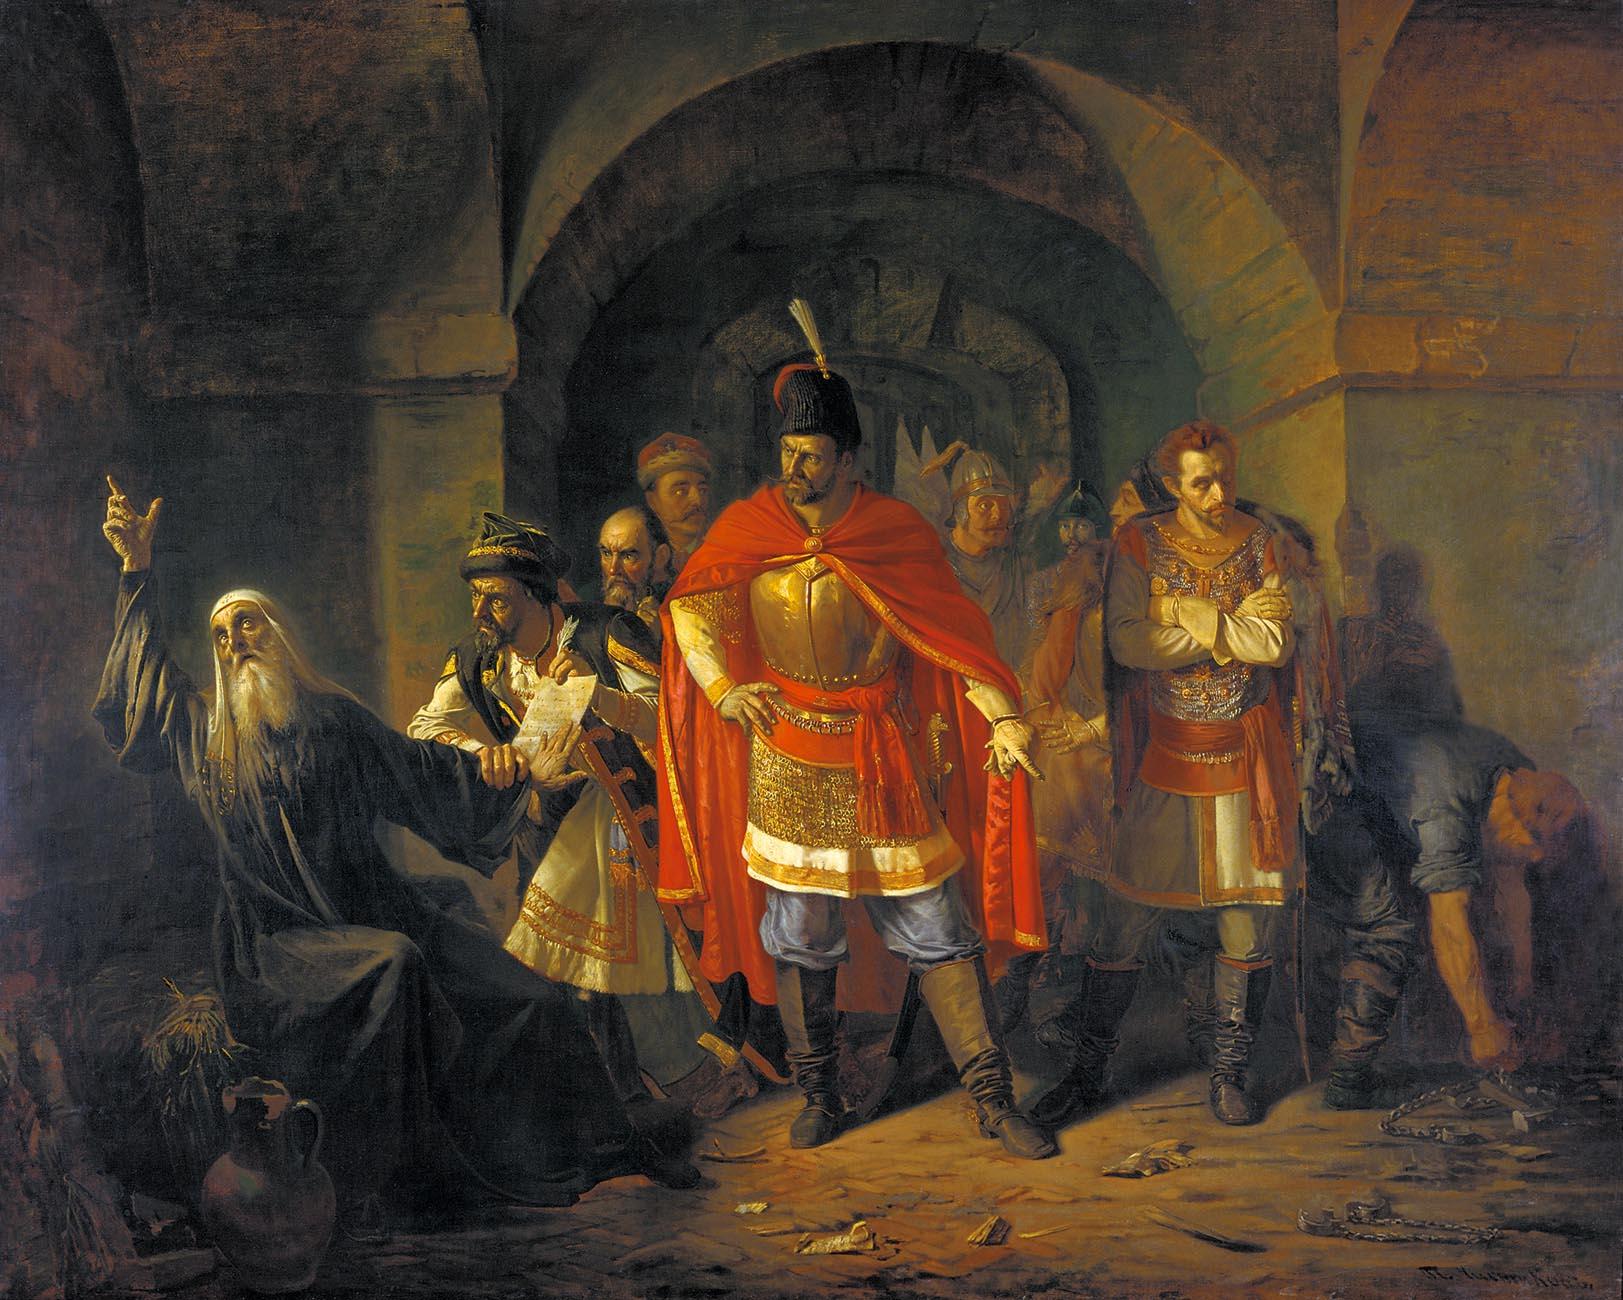 Павел ЧИСТЯКОВ (1832-1919). Патриарх Гермоген отказывает полякам подписать грамоту. 1860, холст, мчистяков